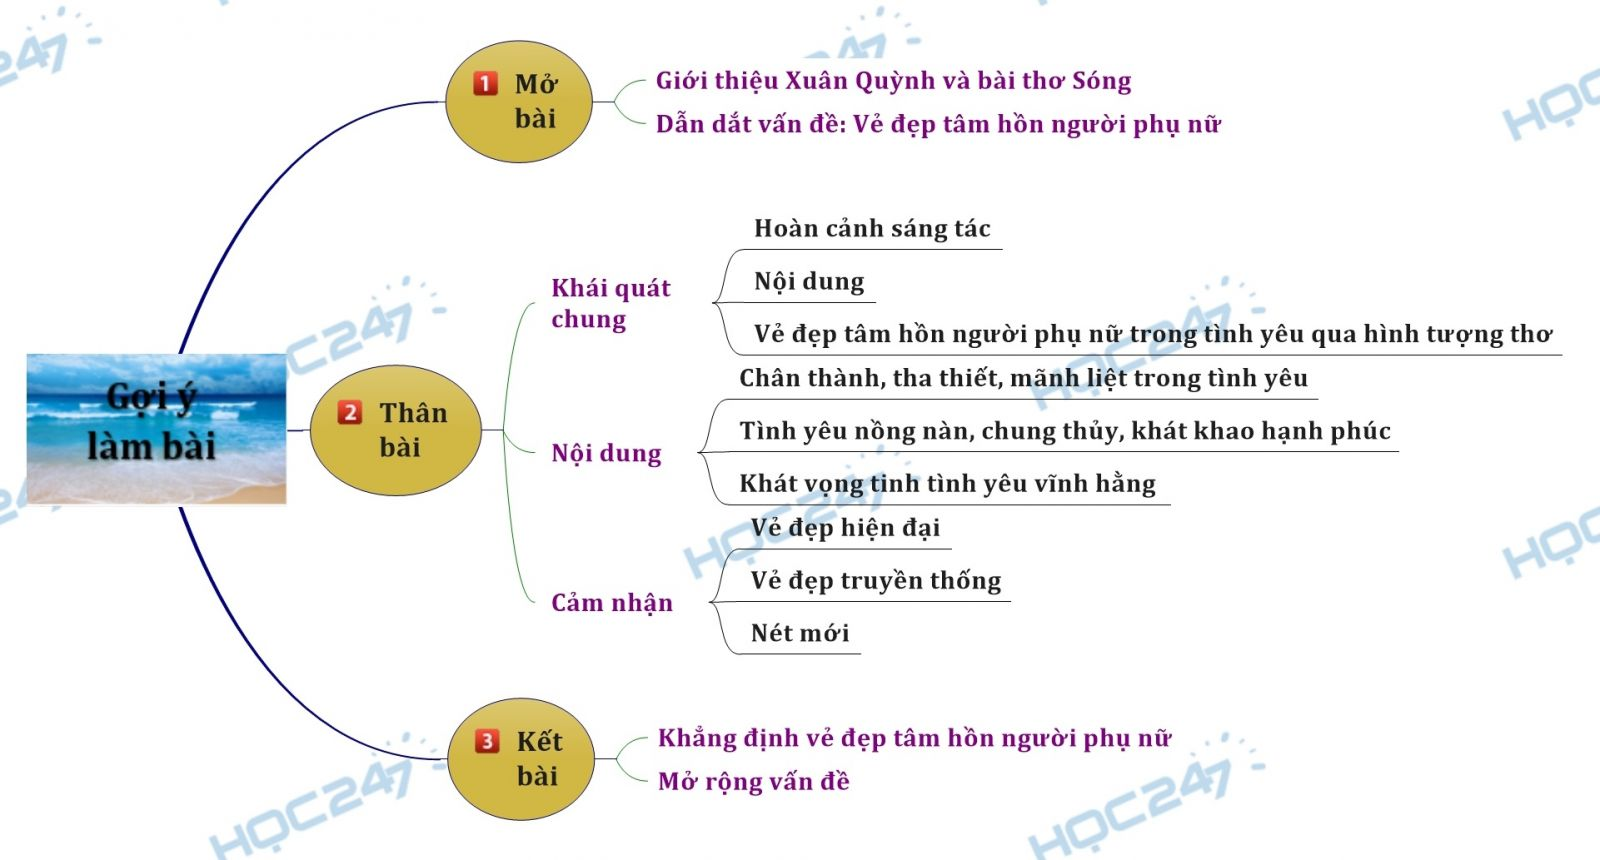 Sơ đồ tư duy - Cảm nhận vẻ đẹp tâm hồn người phụ nữ qua bài thơ Sóng của Xuân Quỳnh